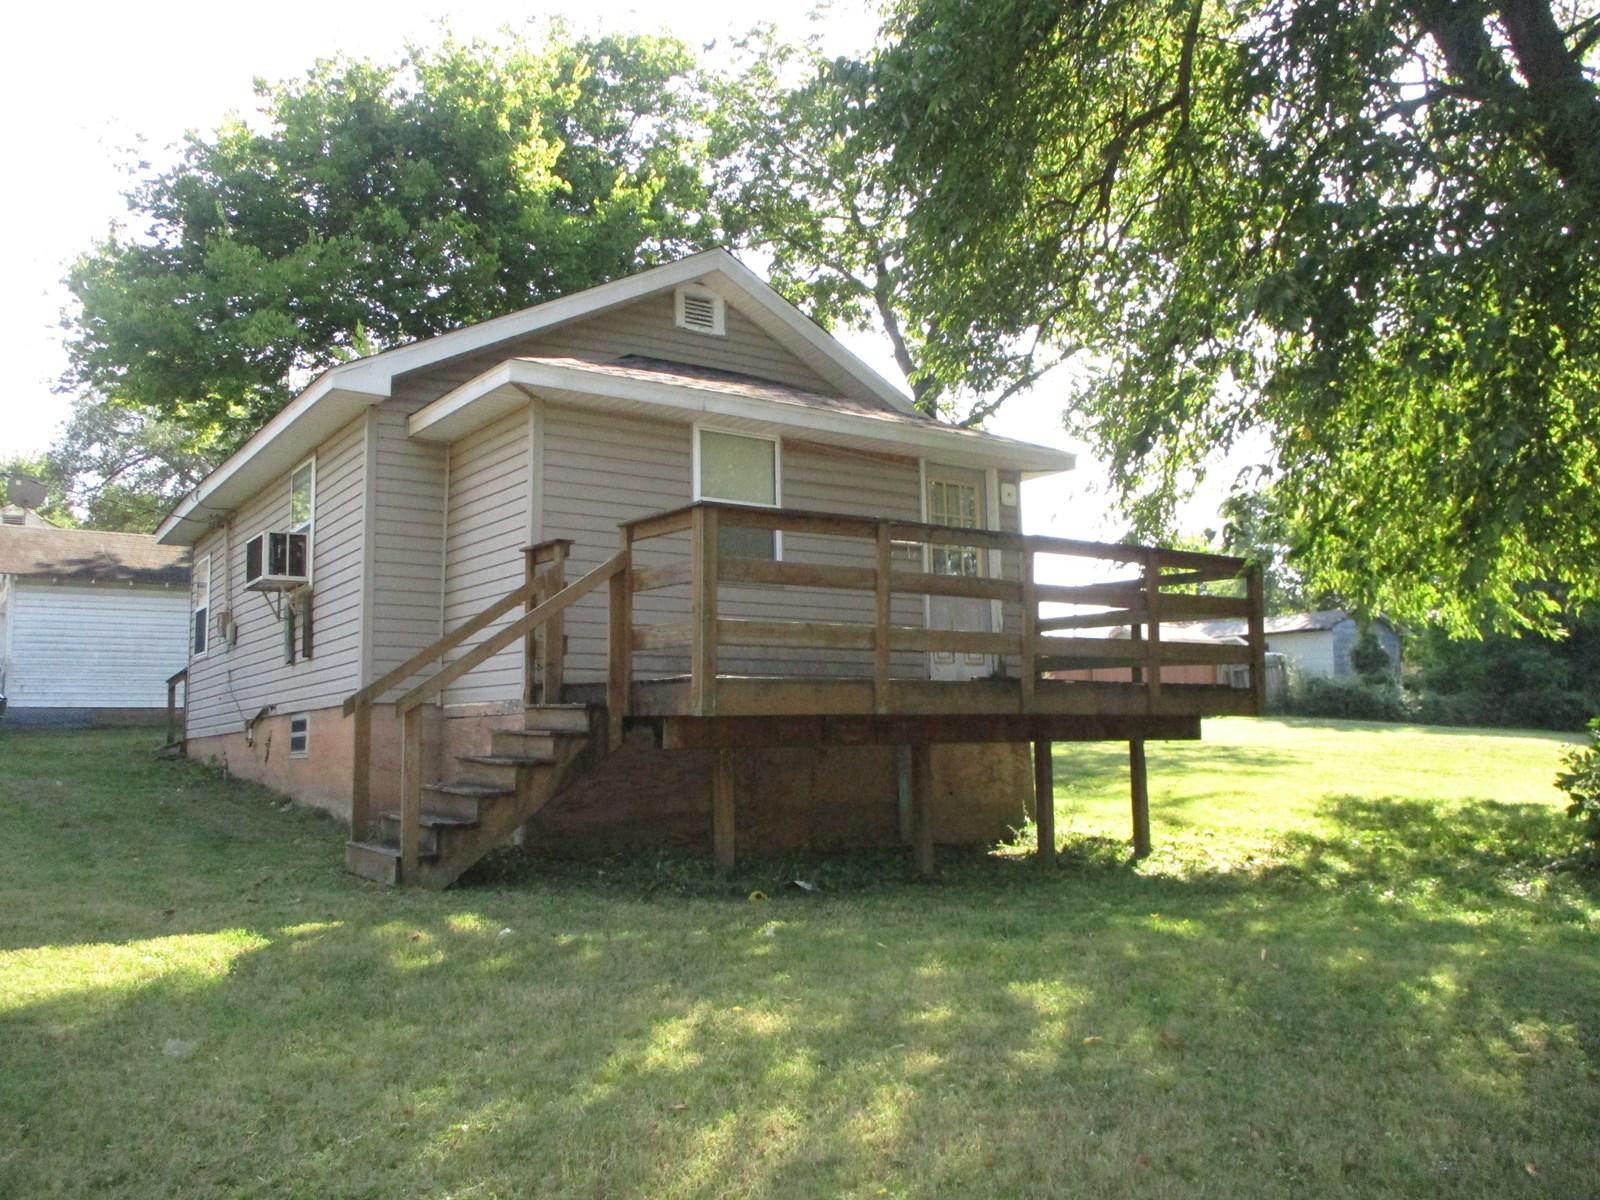 1 Bedroom, 1 Bath Cottage, Starter home or investment